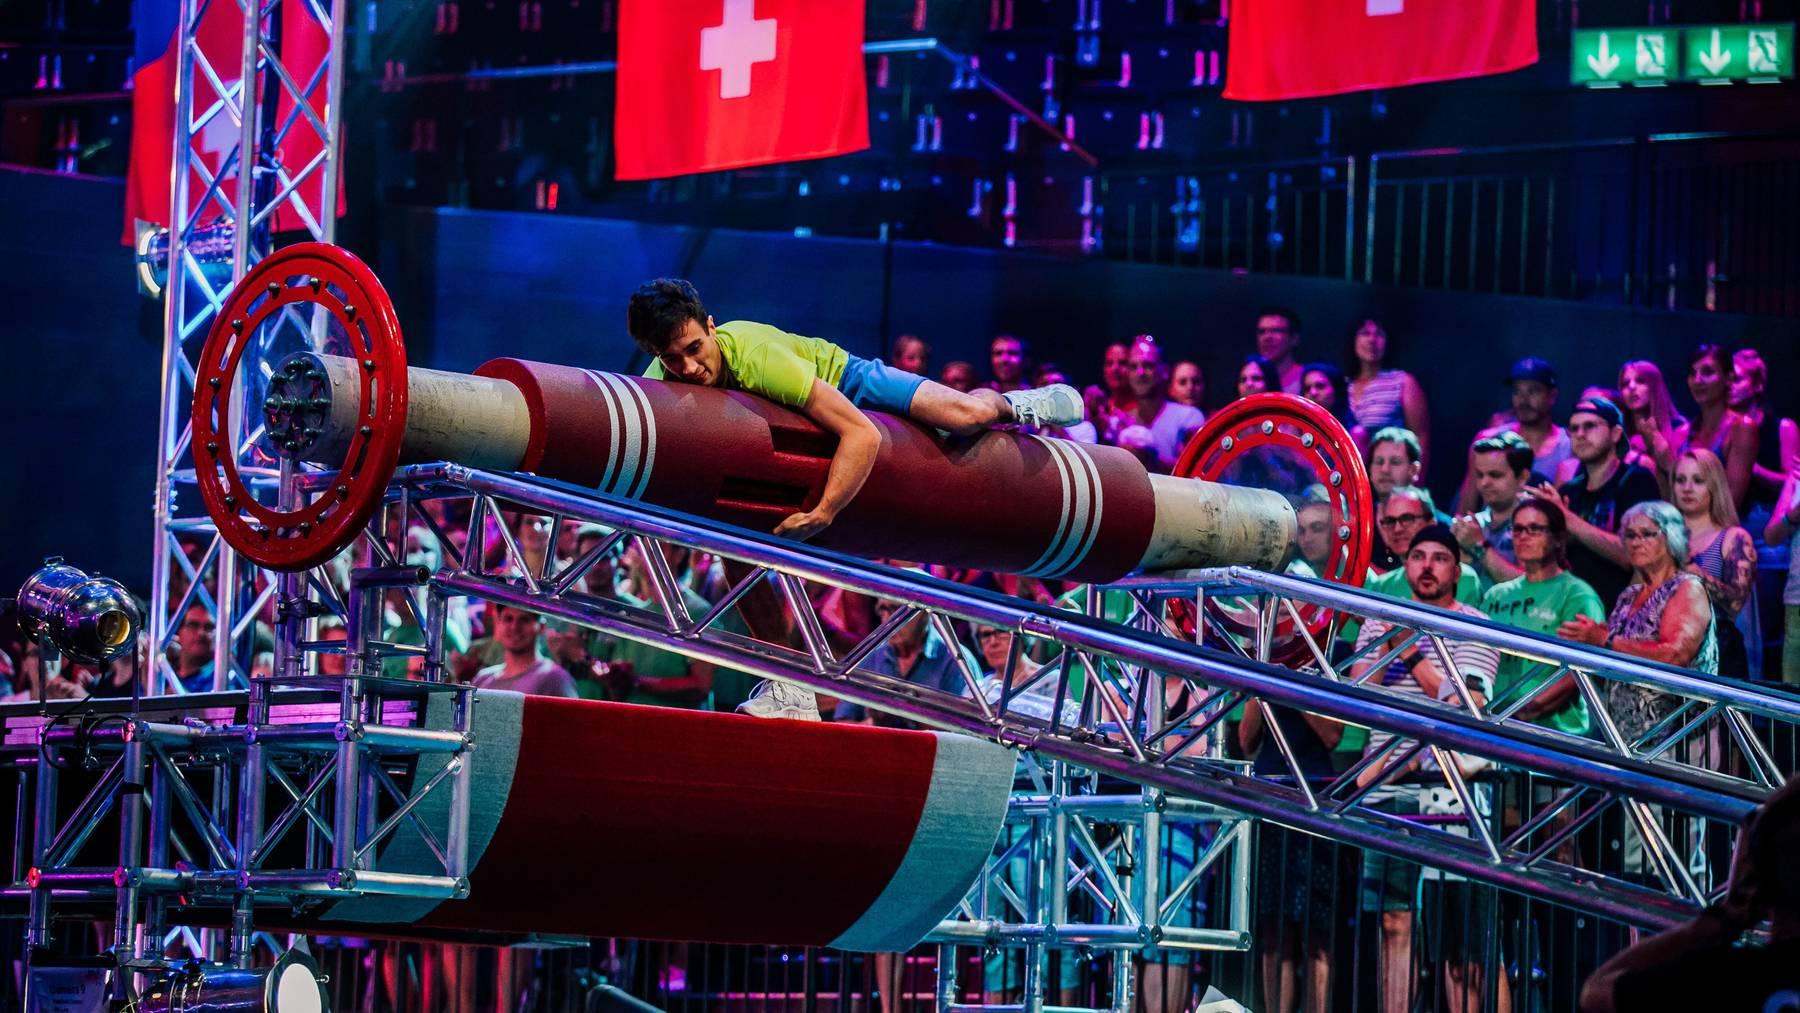 Nach dem grossen Erfolg der ersten Ausgabe von «Ninja Warrior Switzerland» startet TV24 die zweite Staffel der TV-Wettkampfshow rund um den härtesten Hindernisparcours der Welt.